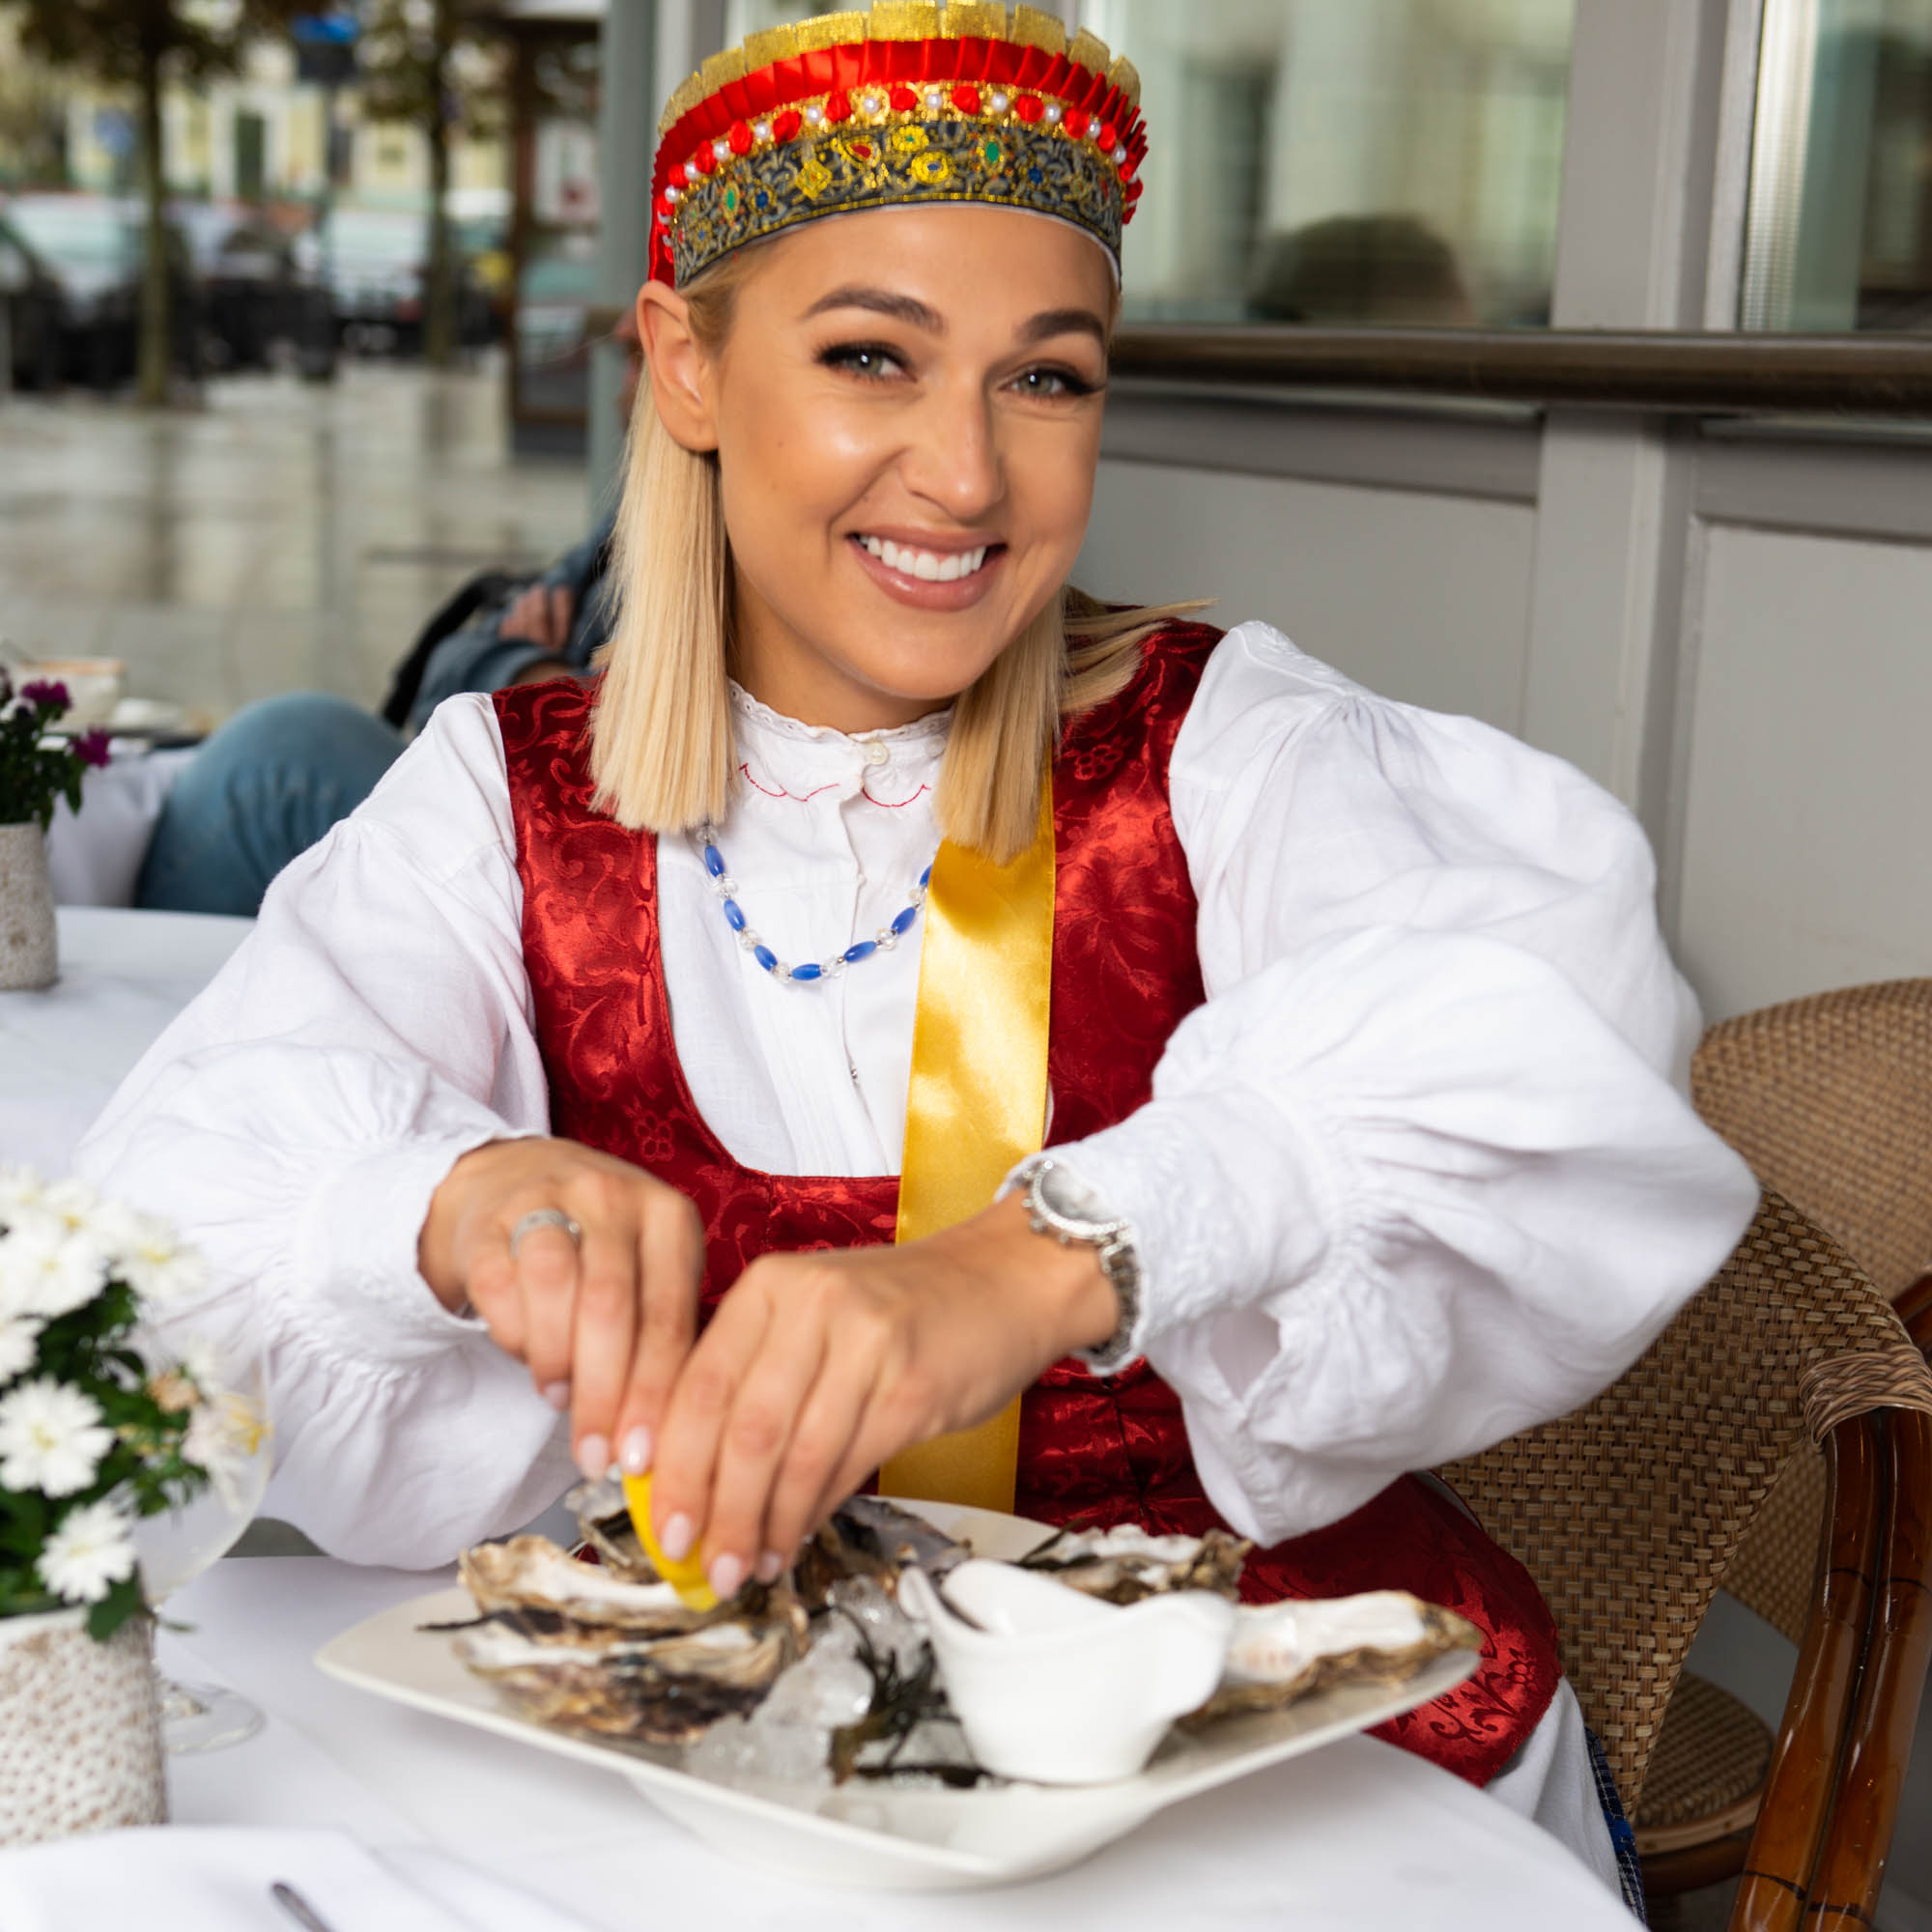 Dzūkijos krašto tautiniais drabužiais pasipuošusi Indrė Stonkuvienė   M. Jovaišos nuotr.